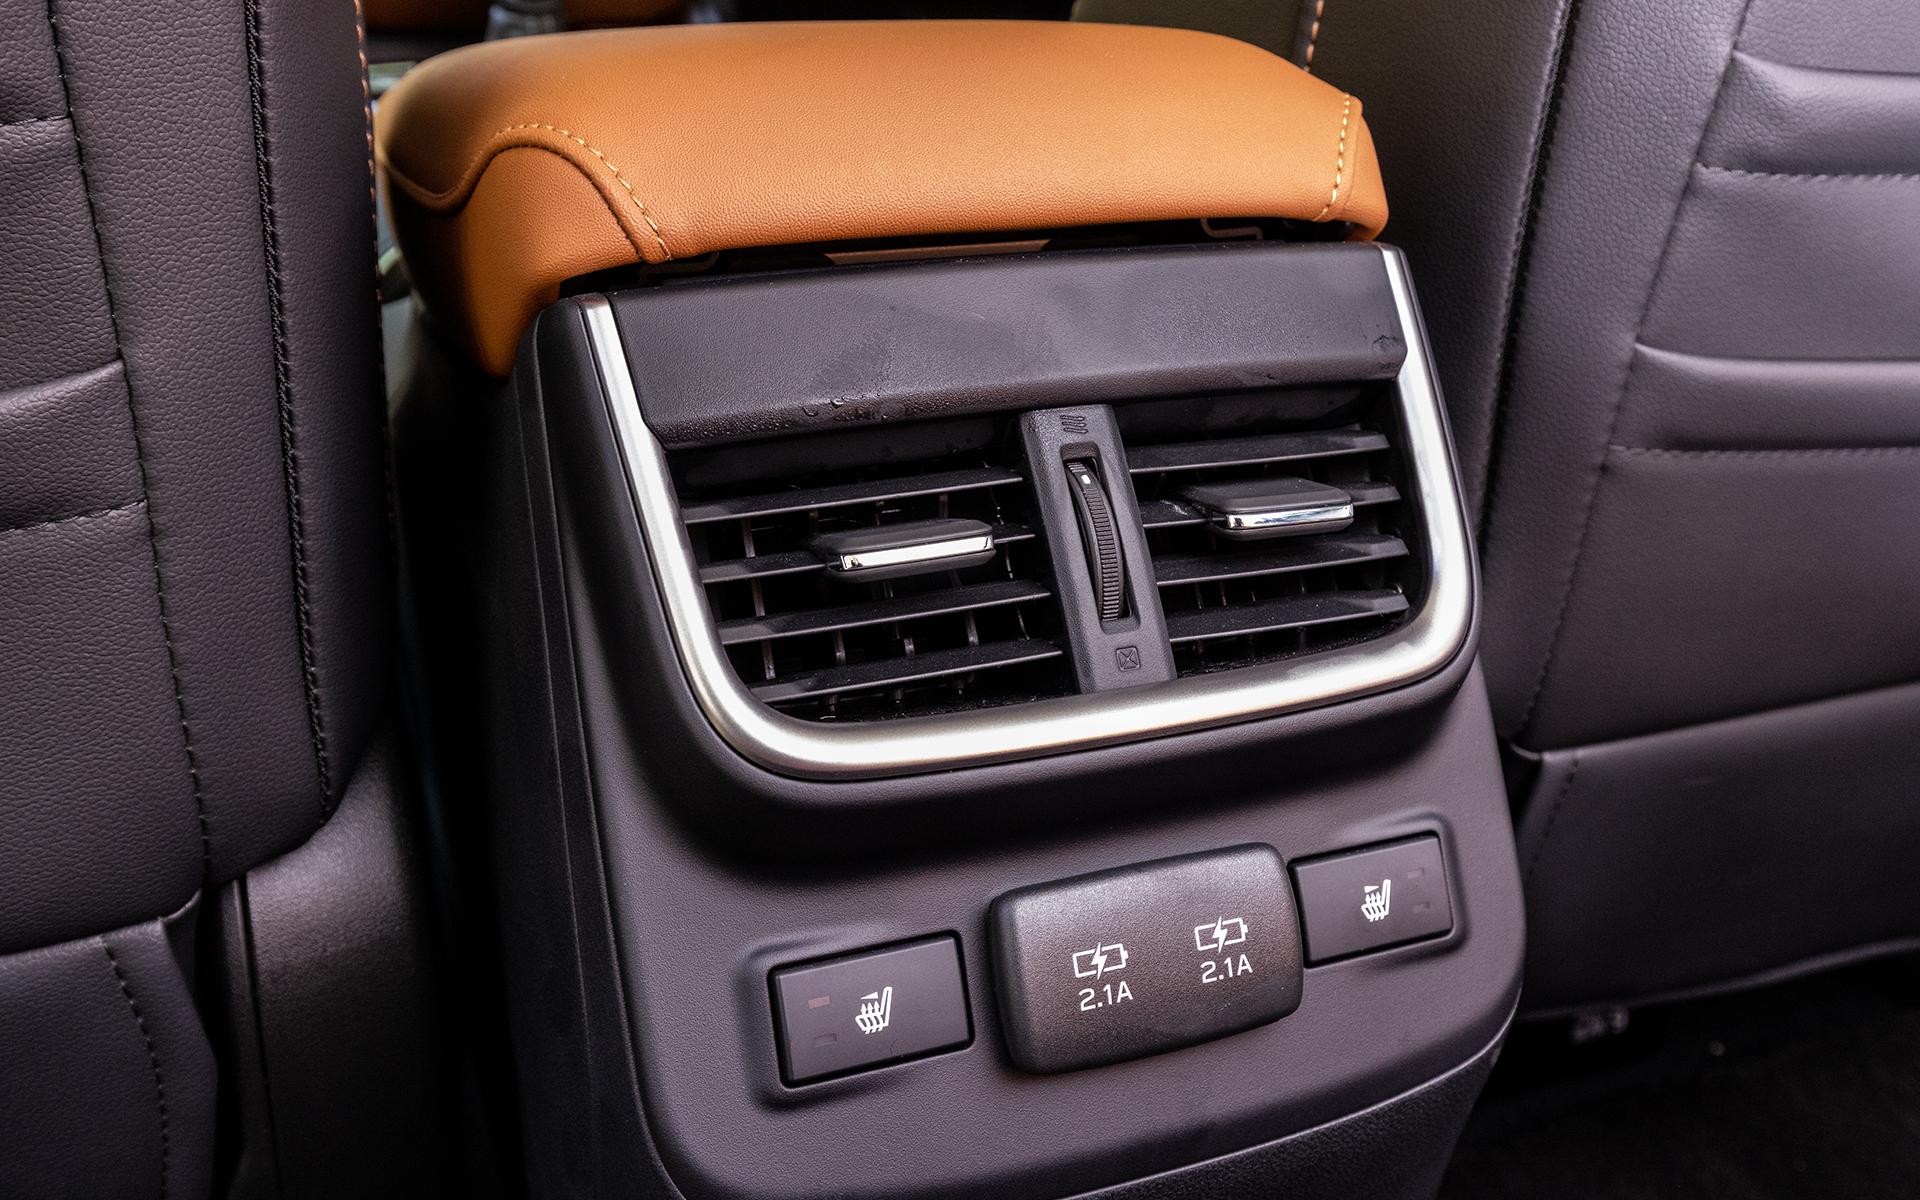 センターコンソールボックス後端に後席用エアコン吹き出し口を用意。その下にはUSB電源やシートヒーターのスイッチも